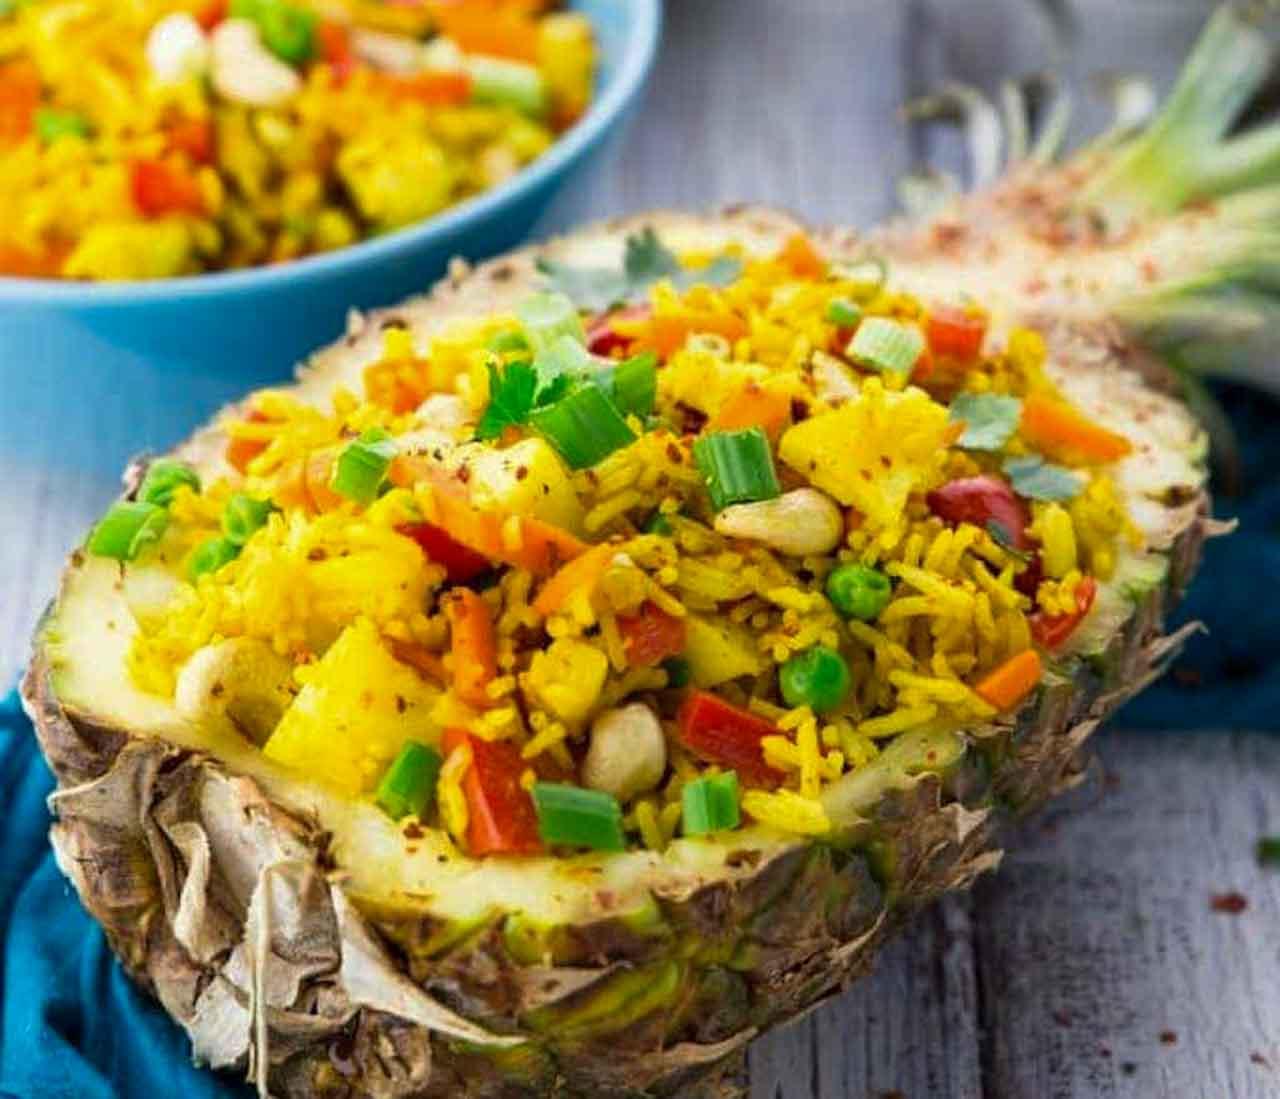 arroz frito tailandês: receita e como fazer